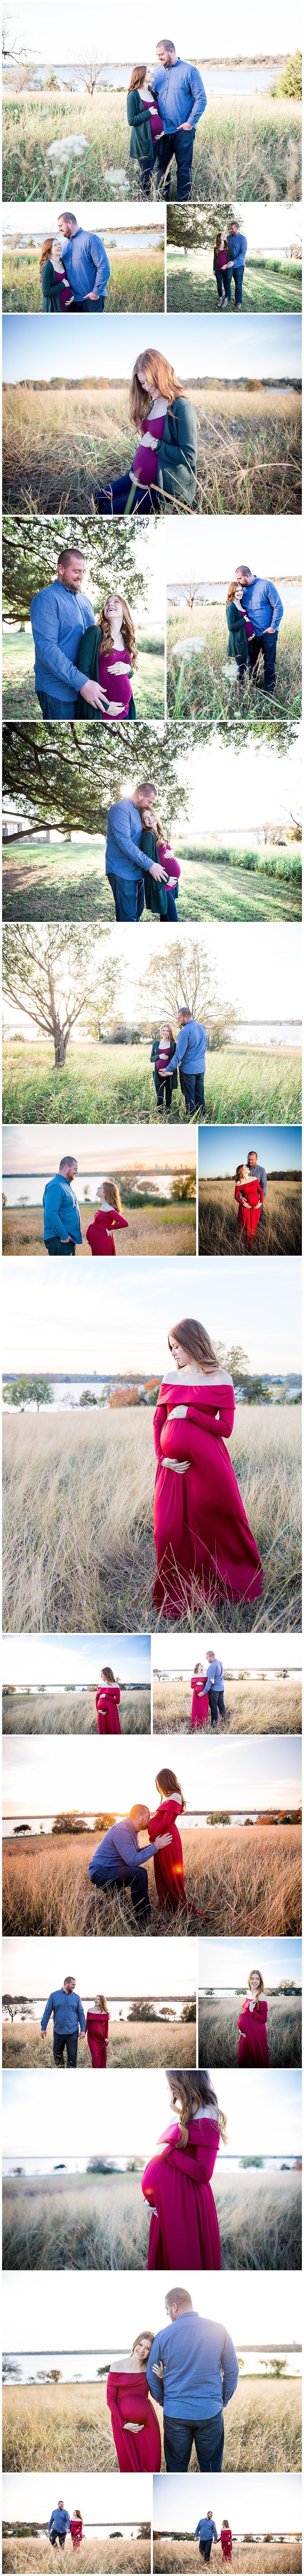 Dallas newborn photographer, dallas maternity session, maternity, lexi meadows photography, dallas maternity photographer